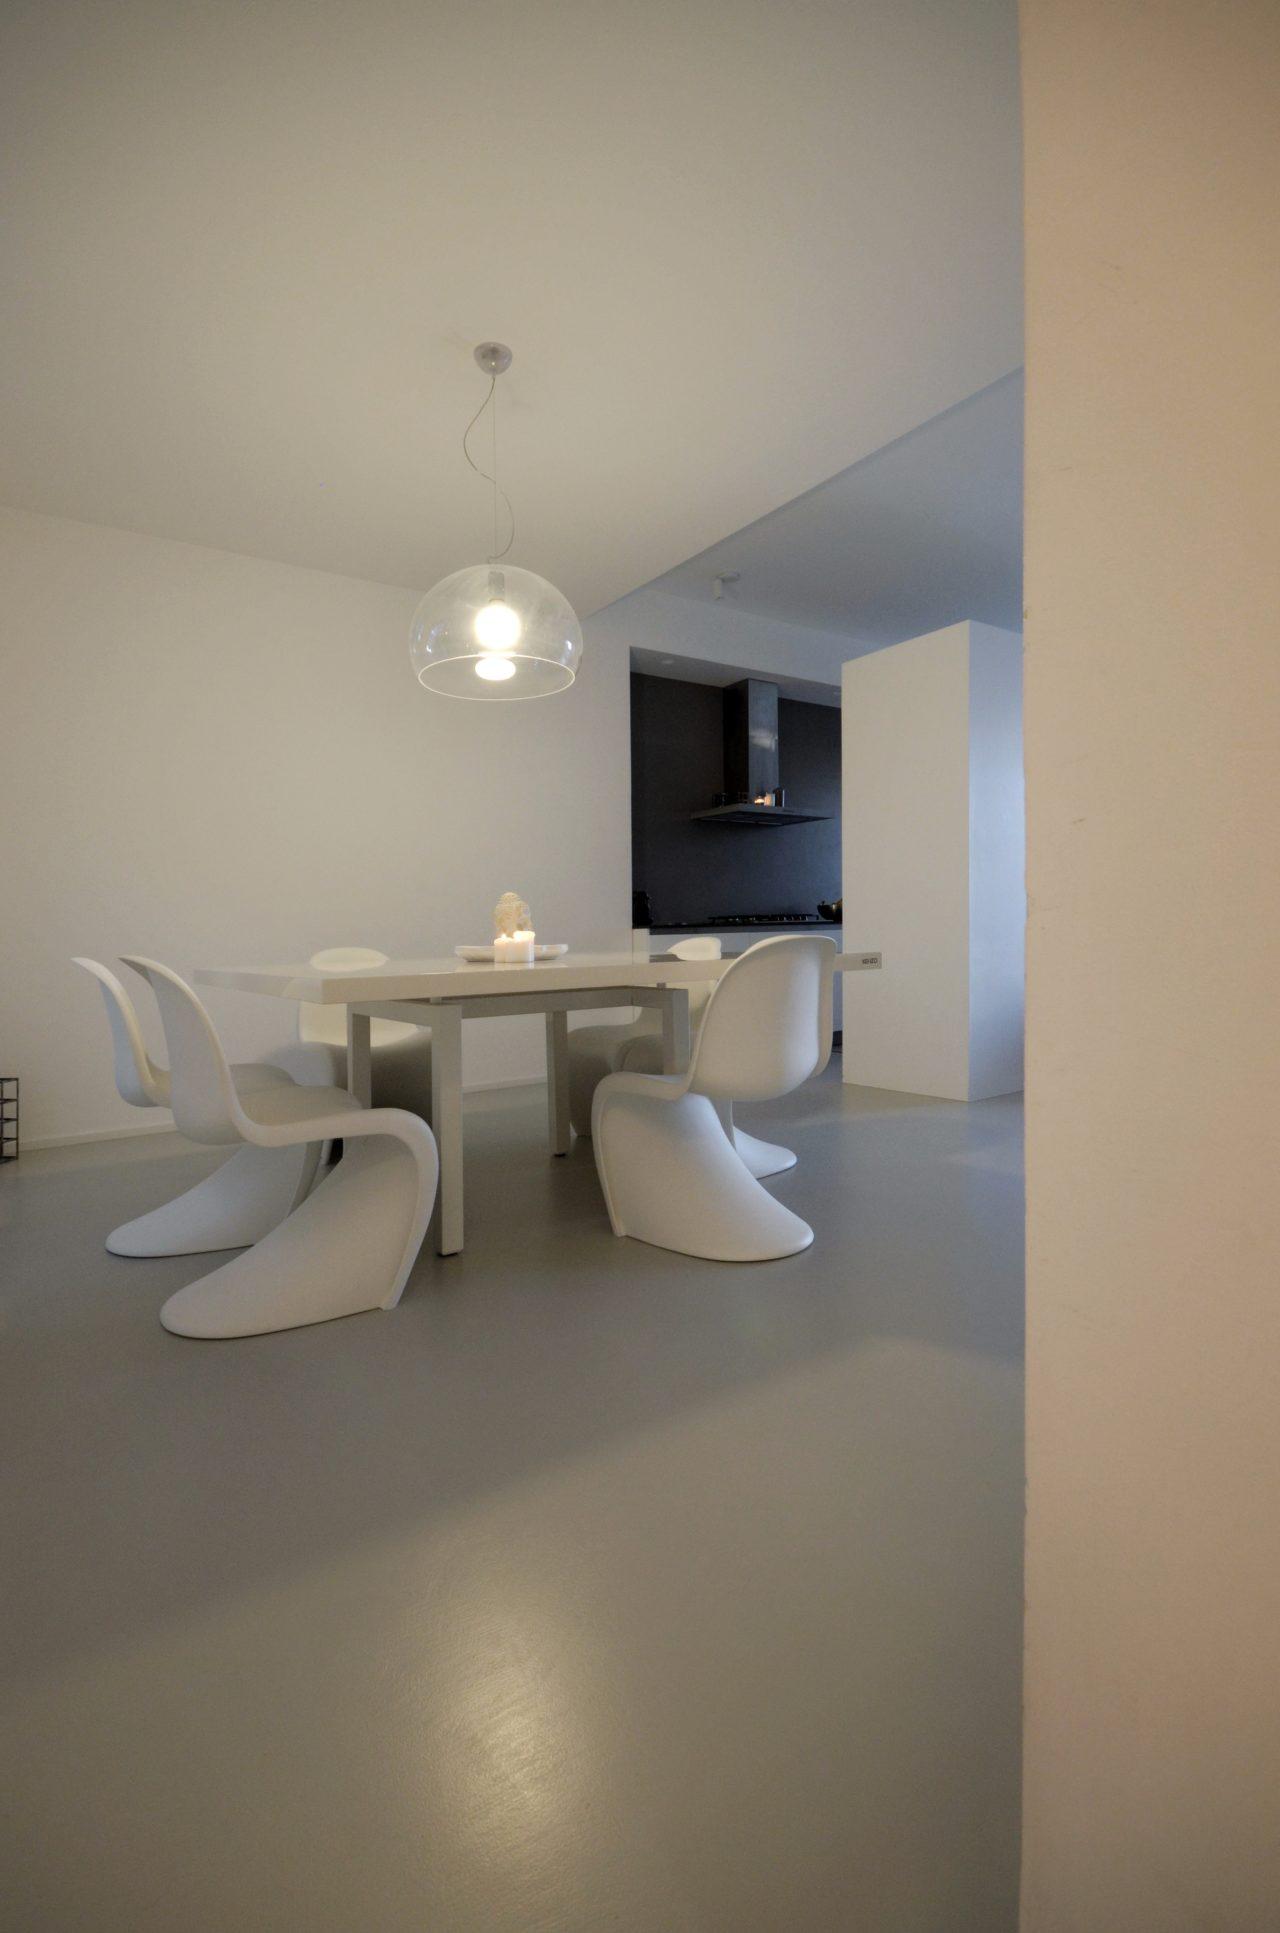 casa SQ AA. la zona giorno concepita come un grande open space. la cucina risulta discreta grazie alla presenza della quinta contenitiva delle colonne.